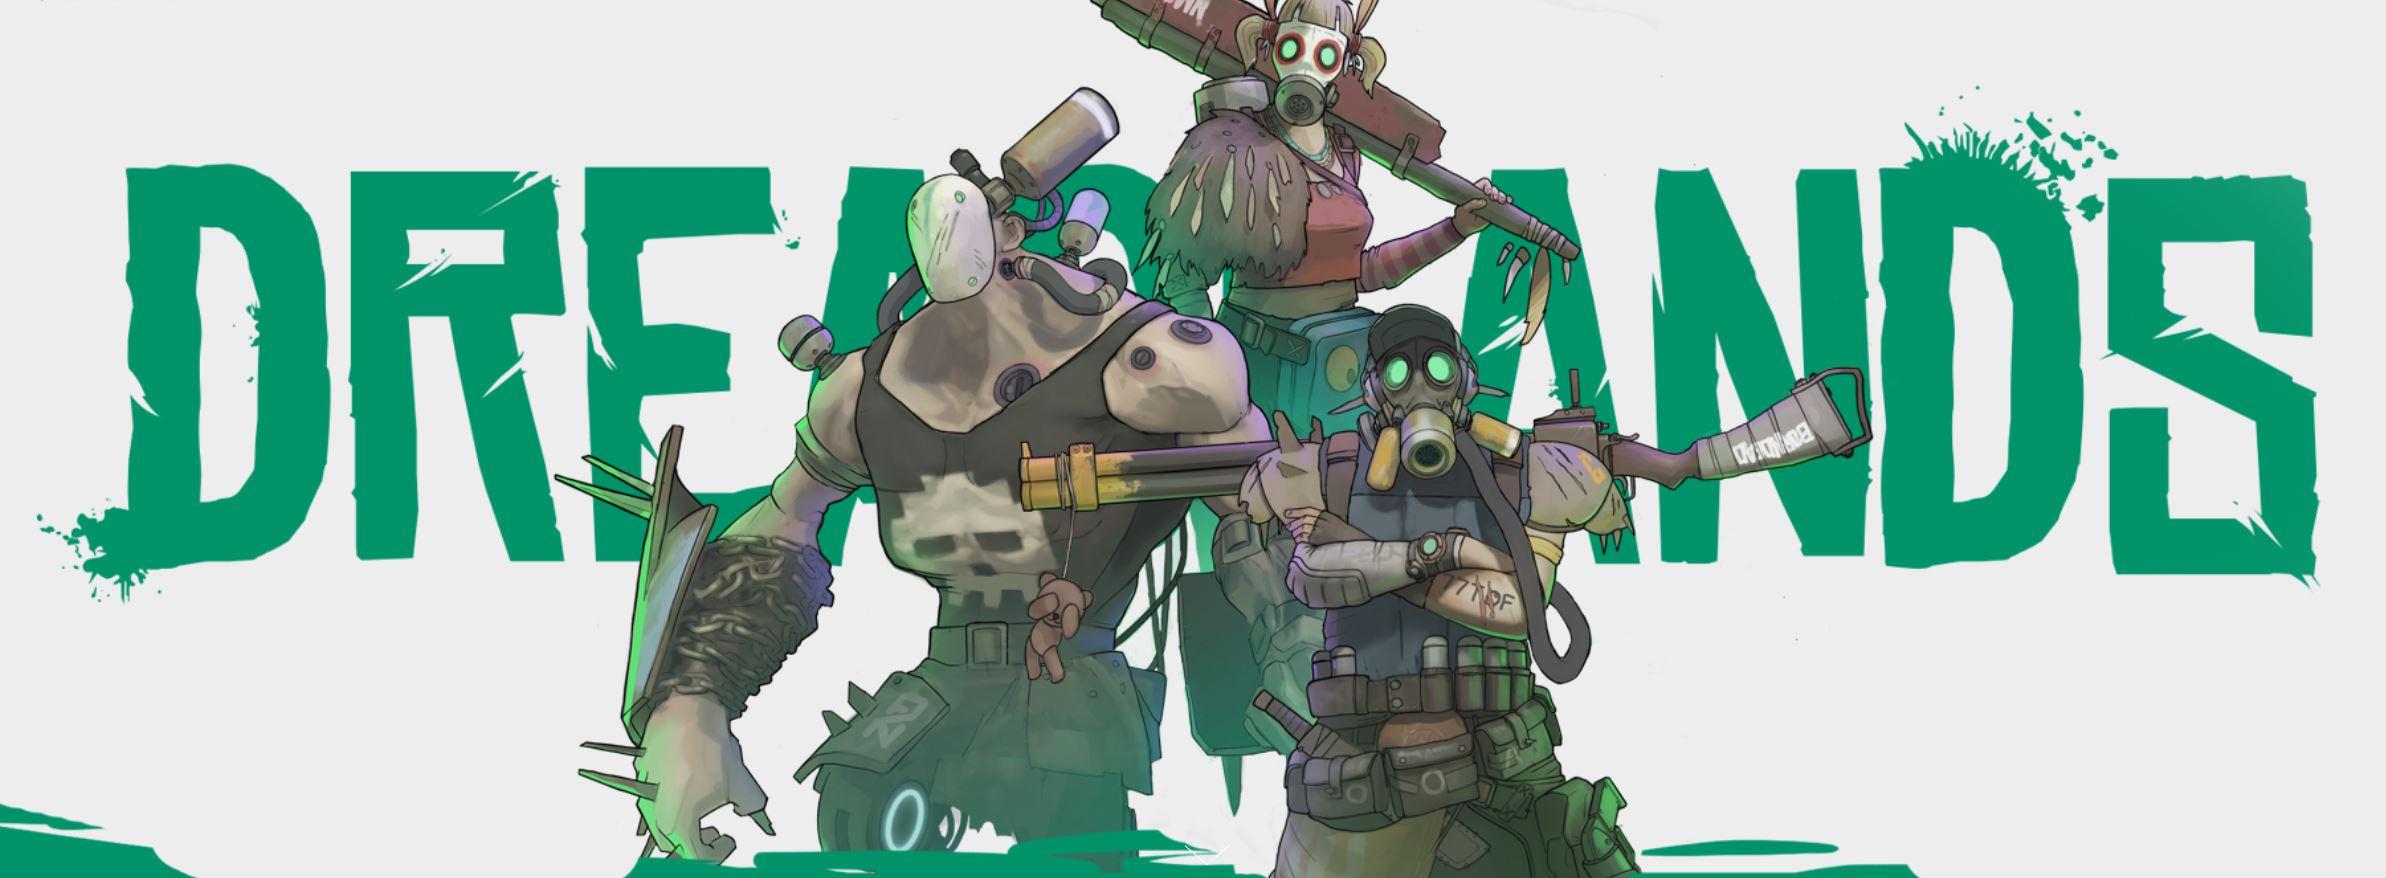 Neues Spiel Dreadlands vereint rundenbasierte Taktik und MMO, kommt 2019 auf Steam